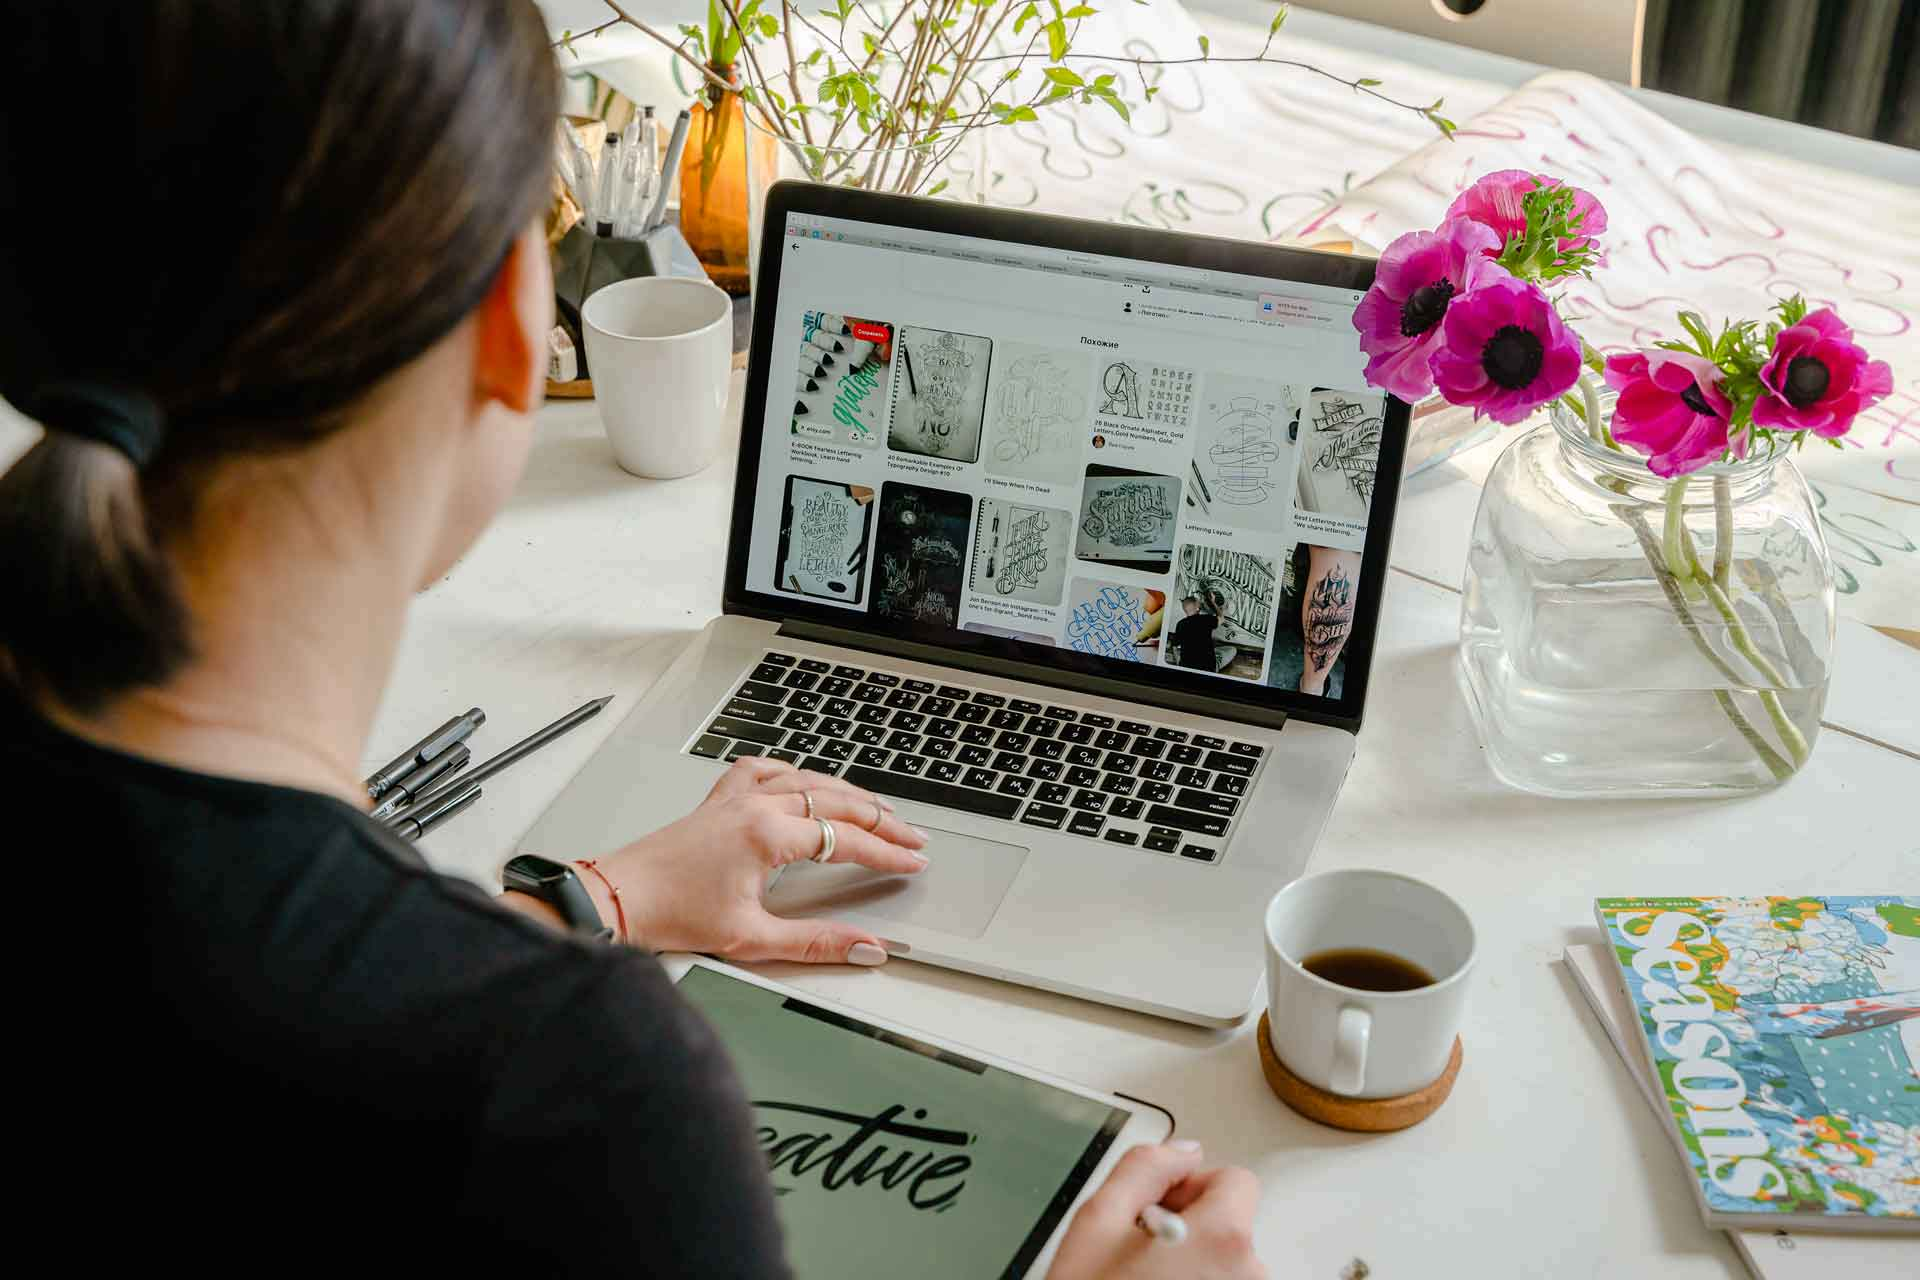 lv-design-realizzazione-siti-web-bologna-progettazione-grafica-1